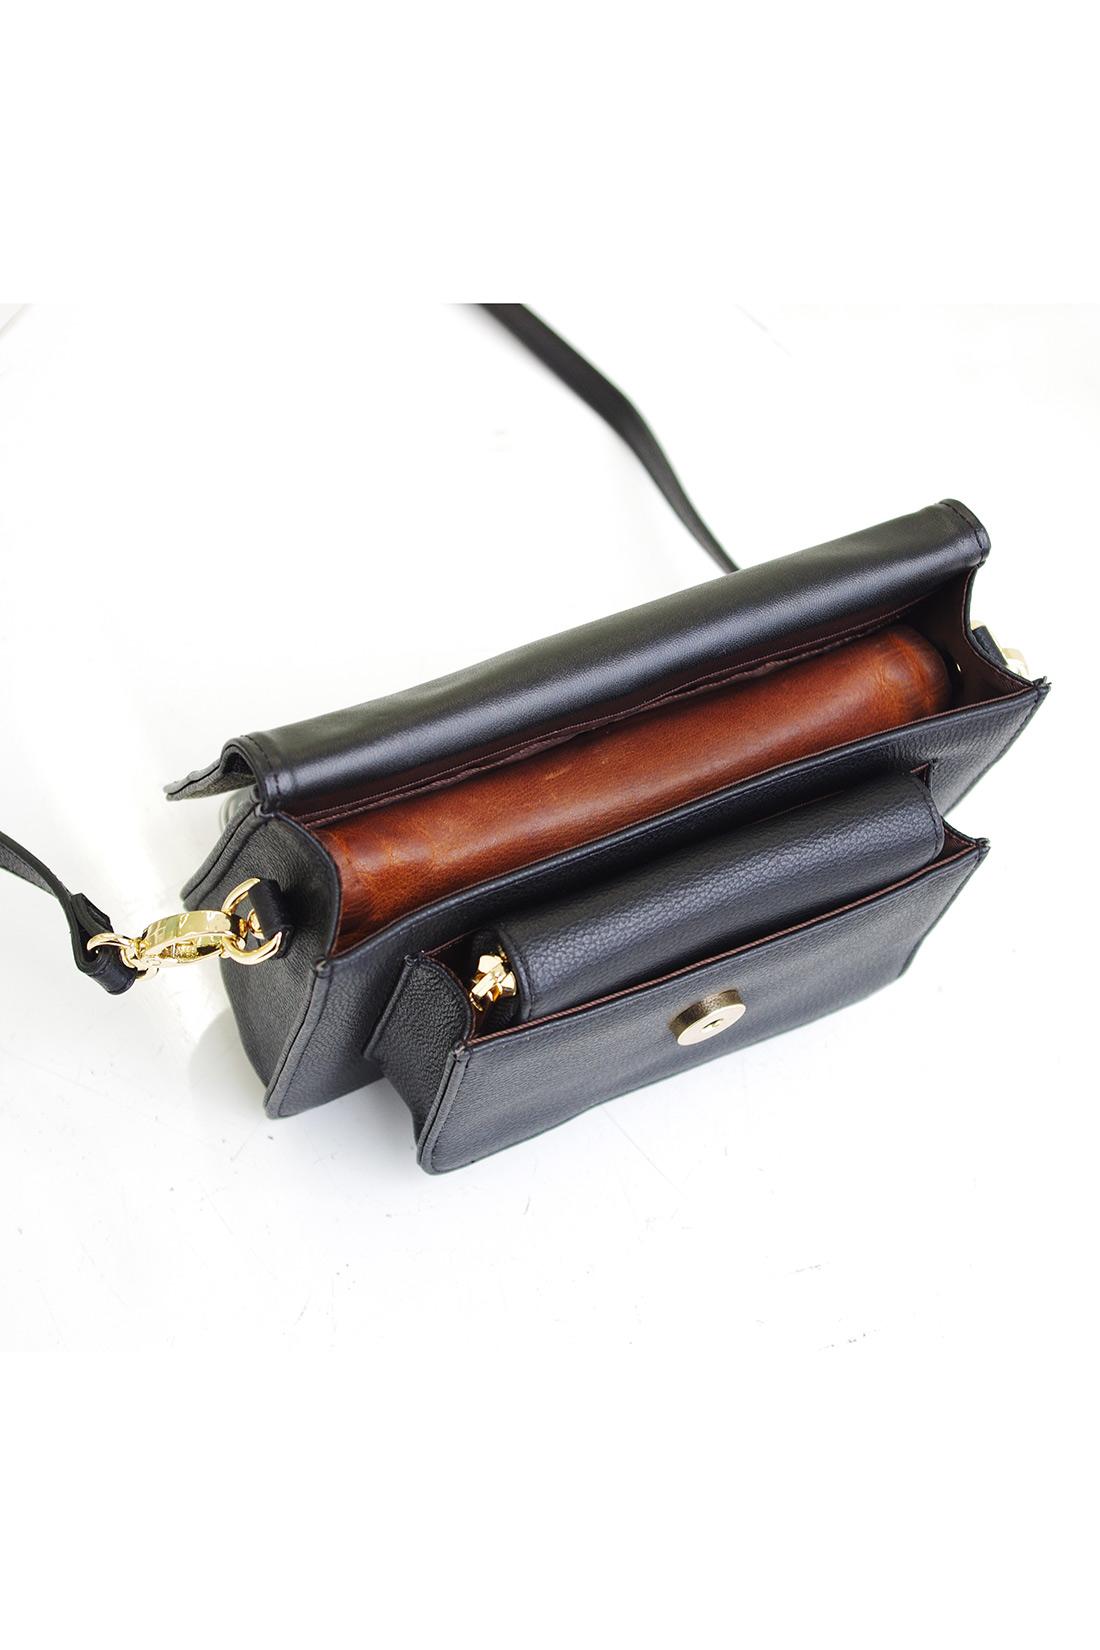 ポシェットの中の大きさは、横約18㎝、縦約9㎝、厚みが約3cmのお財布がすっぽり入るサイズです。